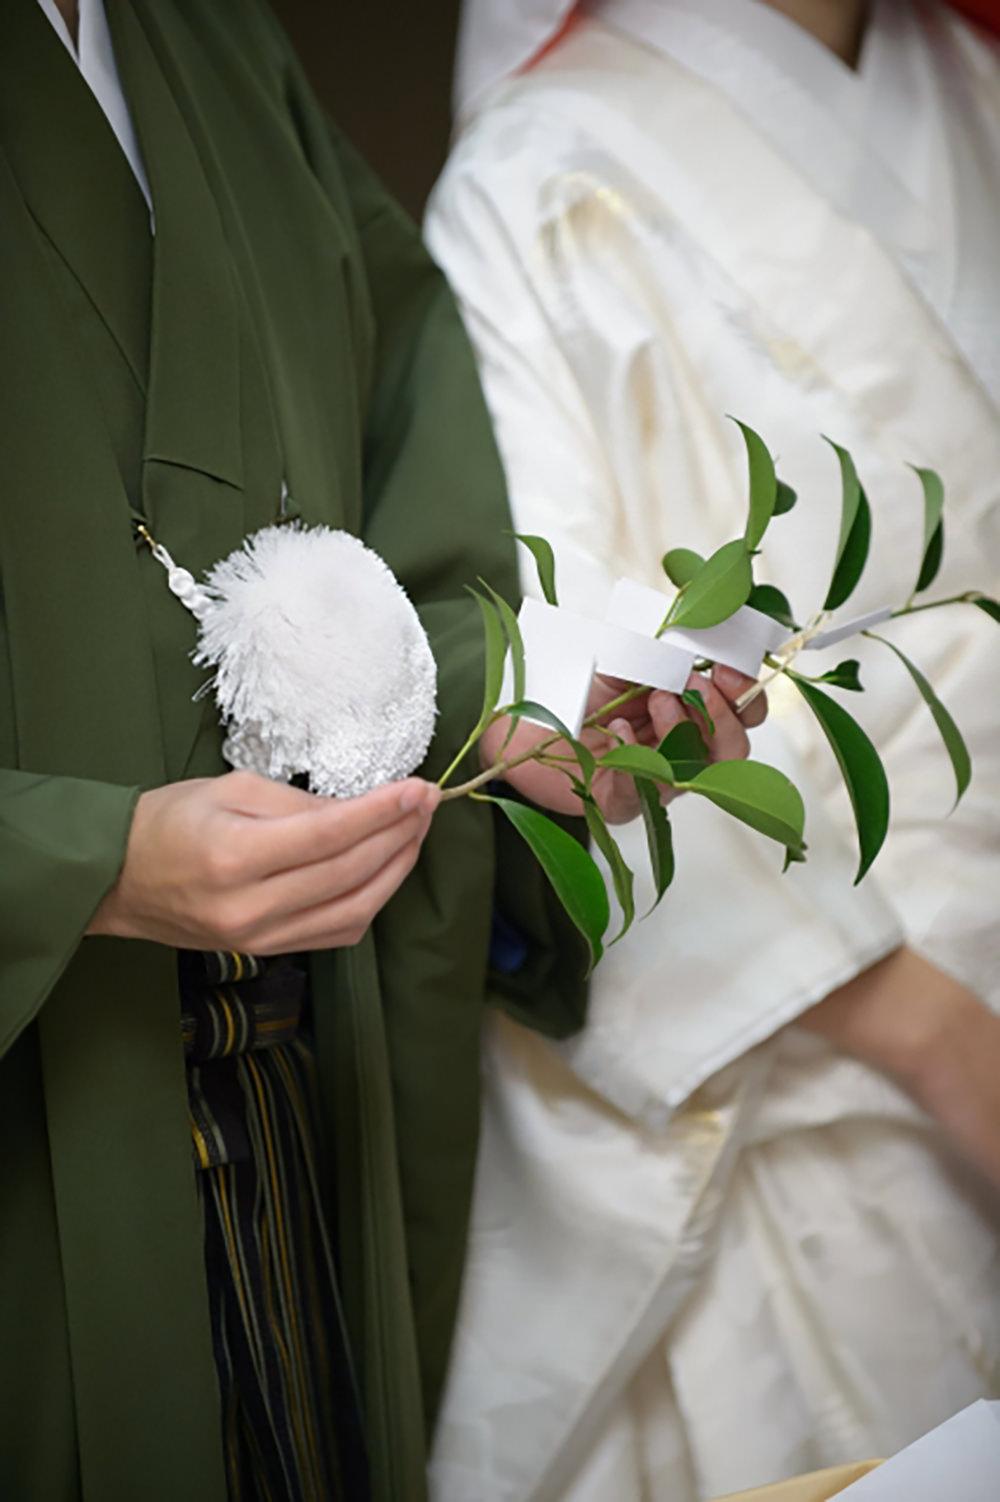 神前結婚式の正しい作法を確認